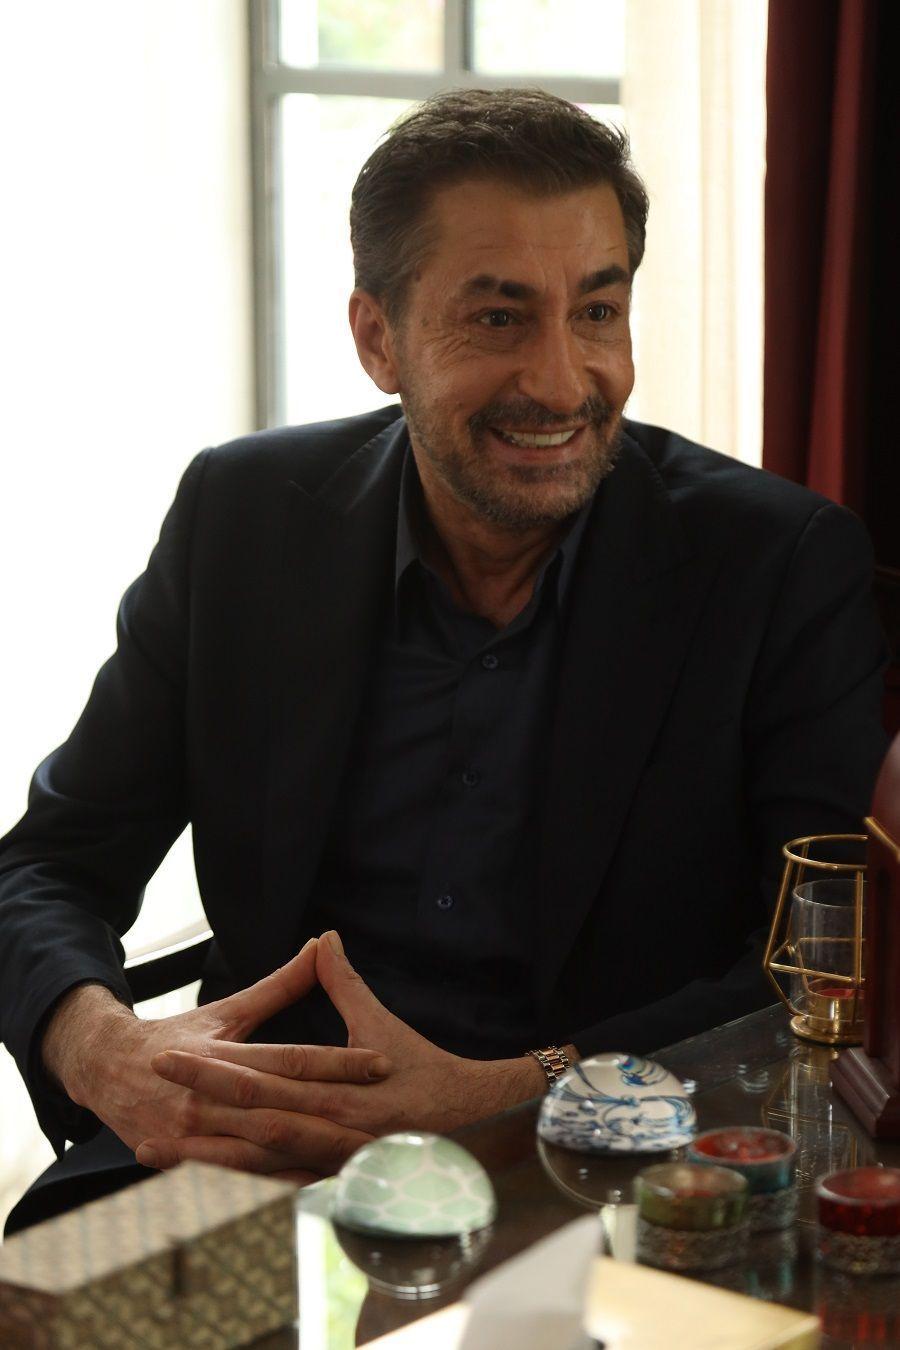 Kırımızı Oda dizisinin Sadi'si Erkan Petekkaya hangi diziye konuk oluyor? - Sayfa:4